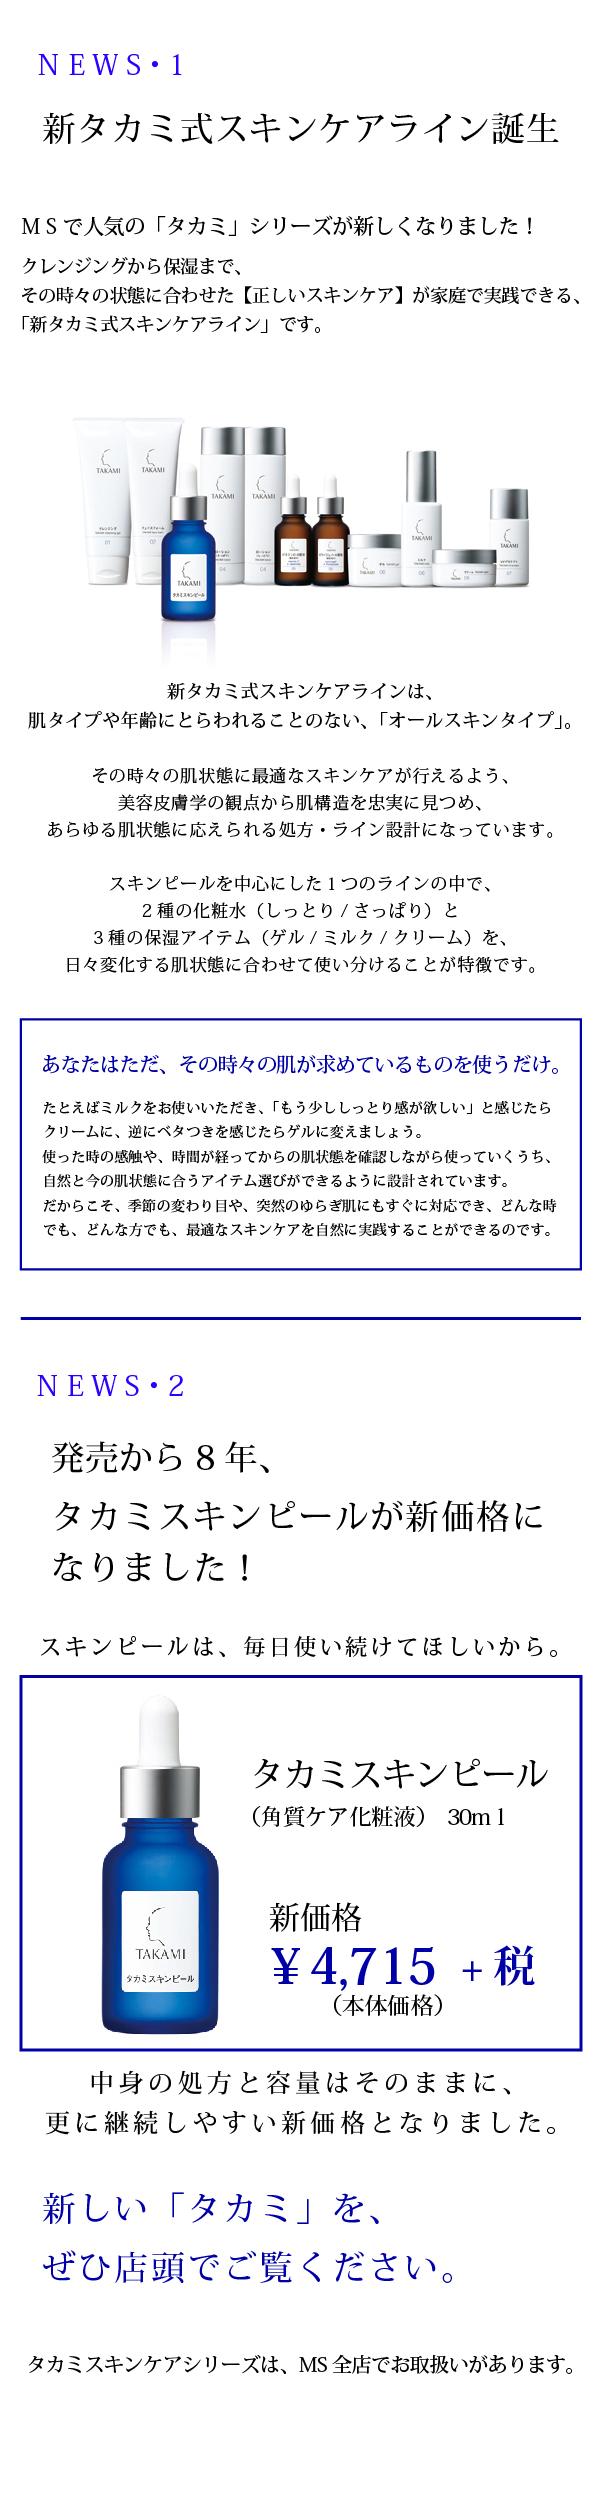 タカミ新スキンケアライン.jpg